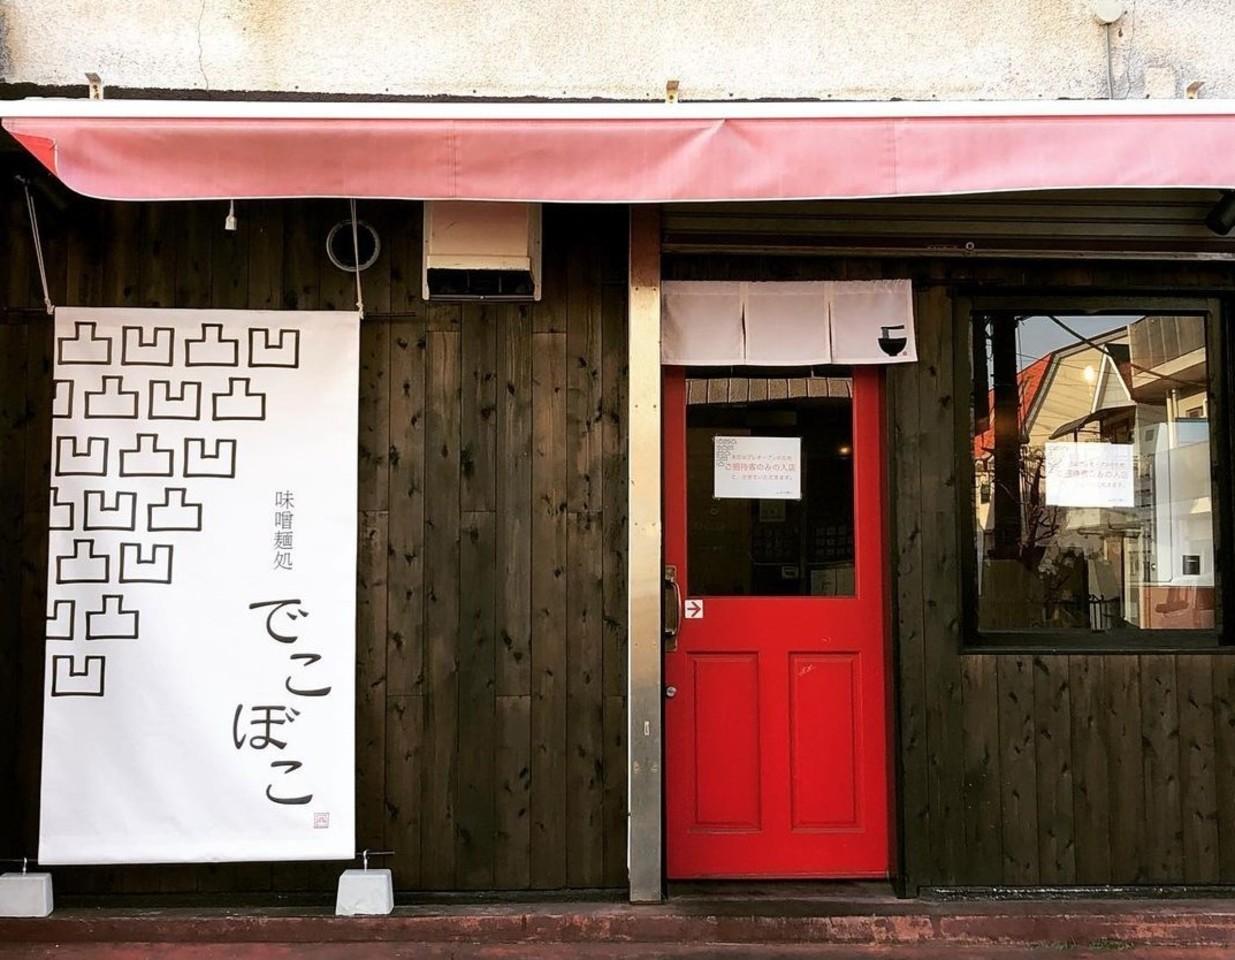 千葉県八千代市八千代台南1丁目に「味噌麺処 でこぼこ」が1/16~プレオープンされてるようです。